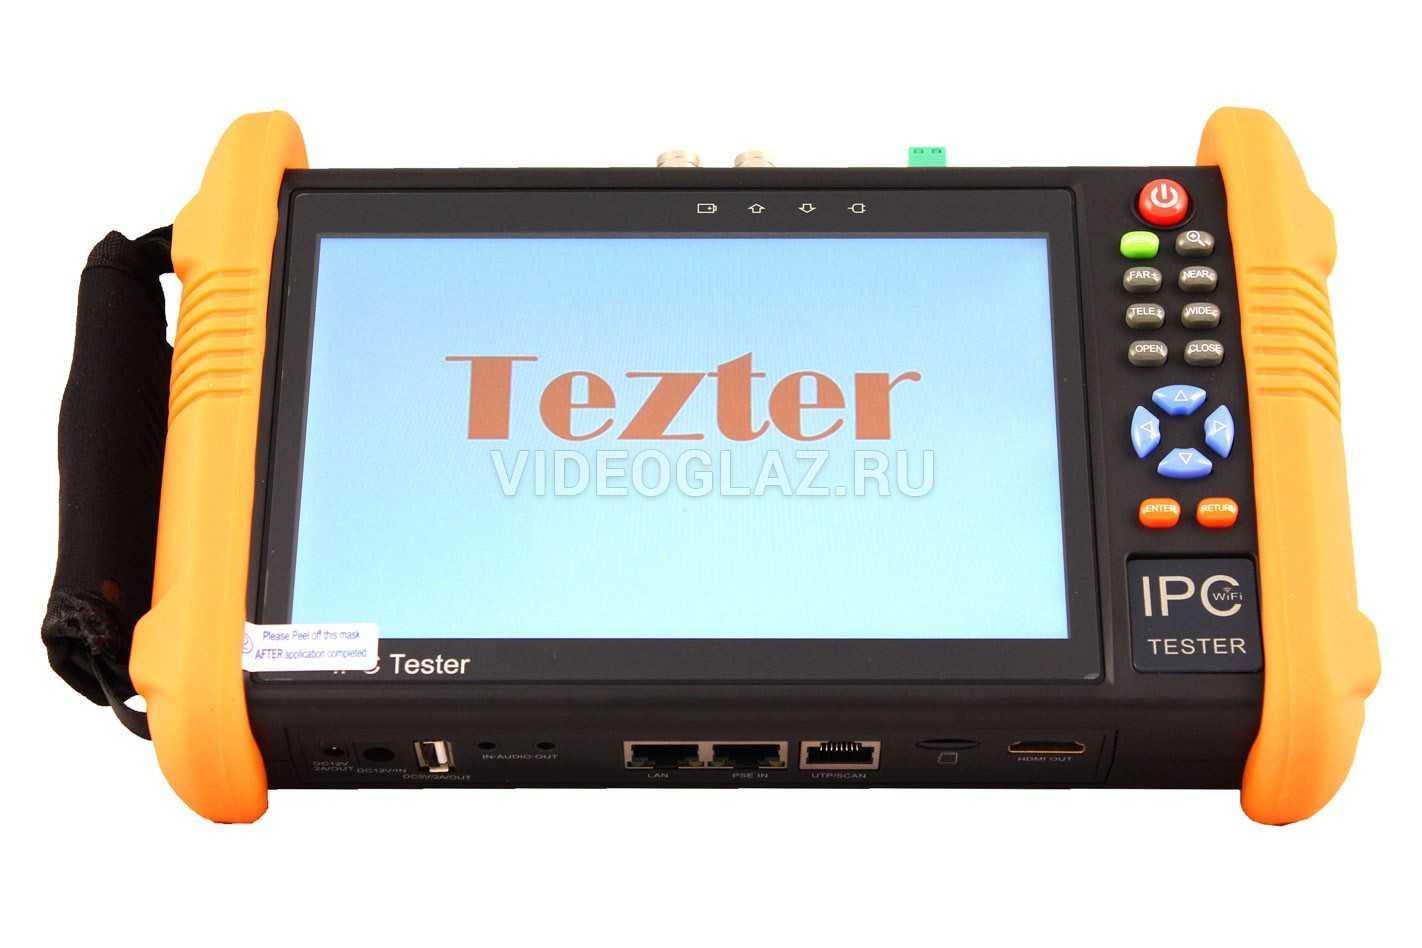 Tezter TIP-H-7